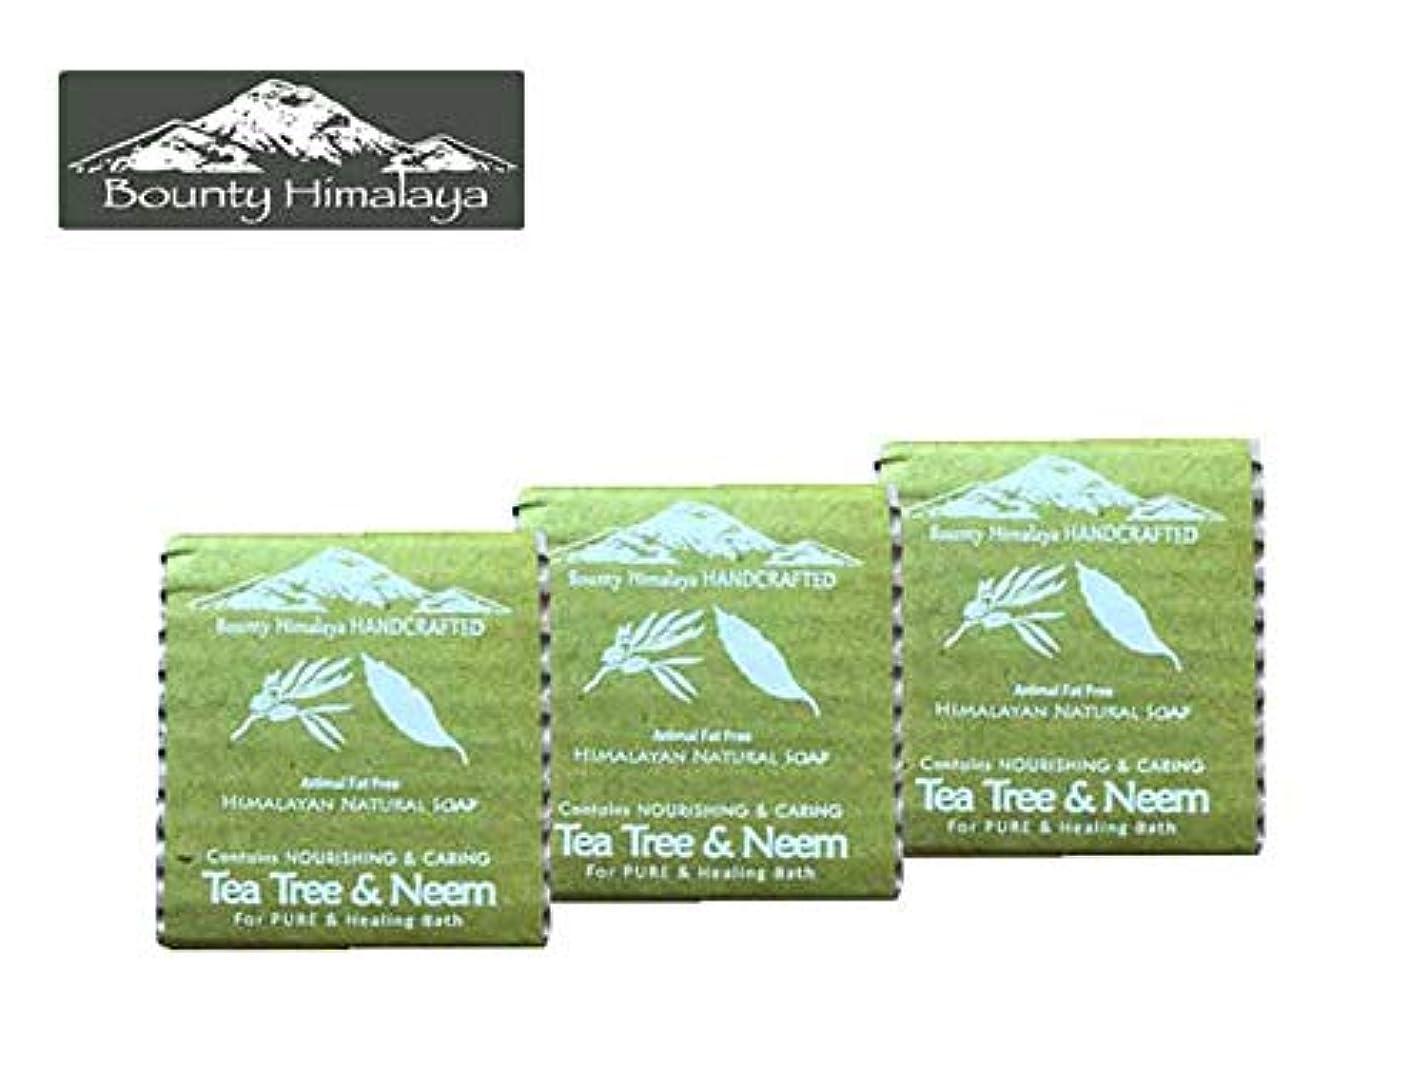 すなわち安全でないアラブ人アーユルヴェーダ ヒマラヤ ティーツリー?ニーム ソープ3セット Bounty Himalaya Tea Tree & Neem SOAP(NEPAL AYURVEDA) 100g